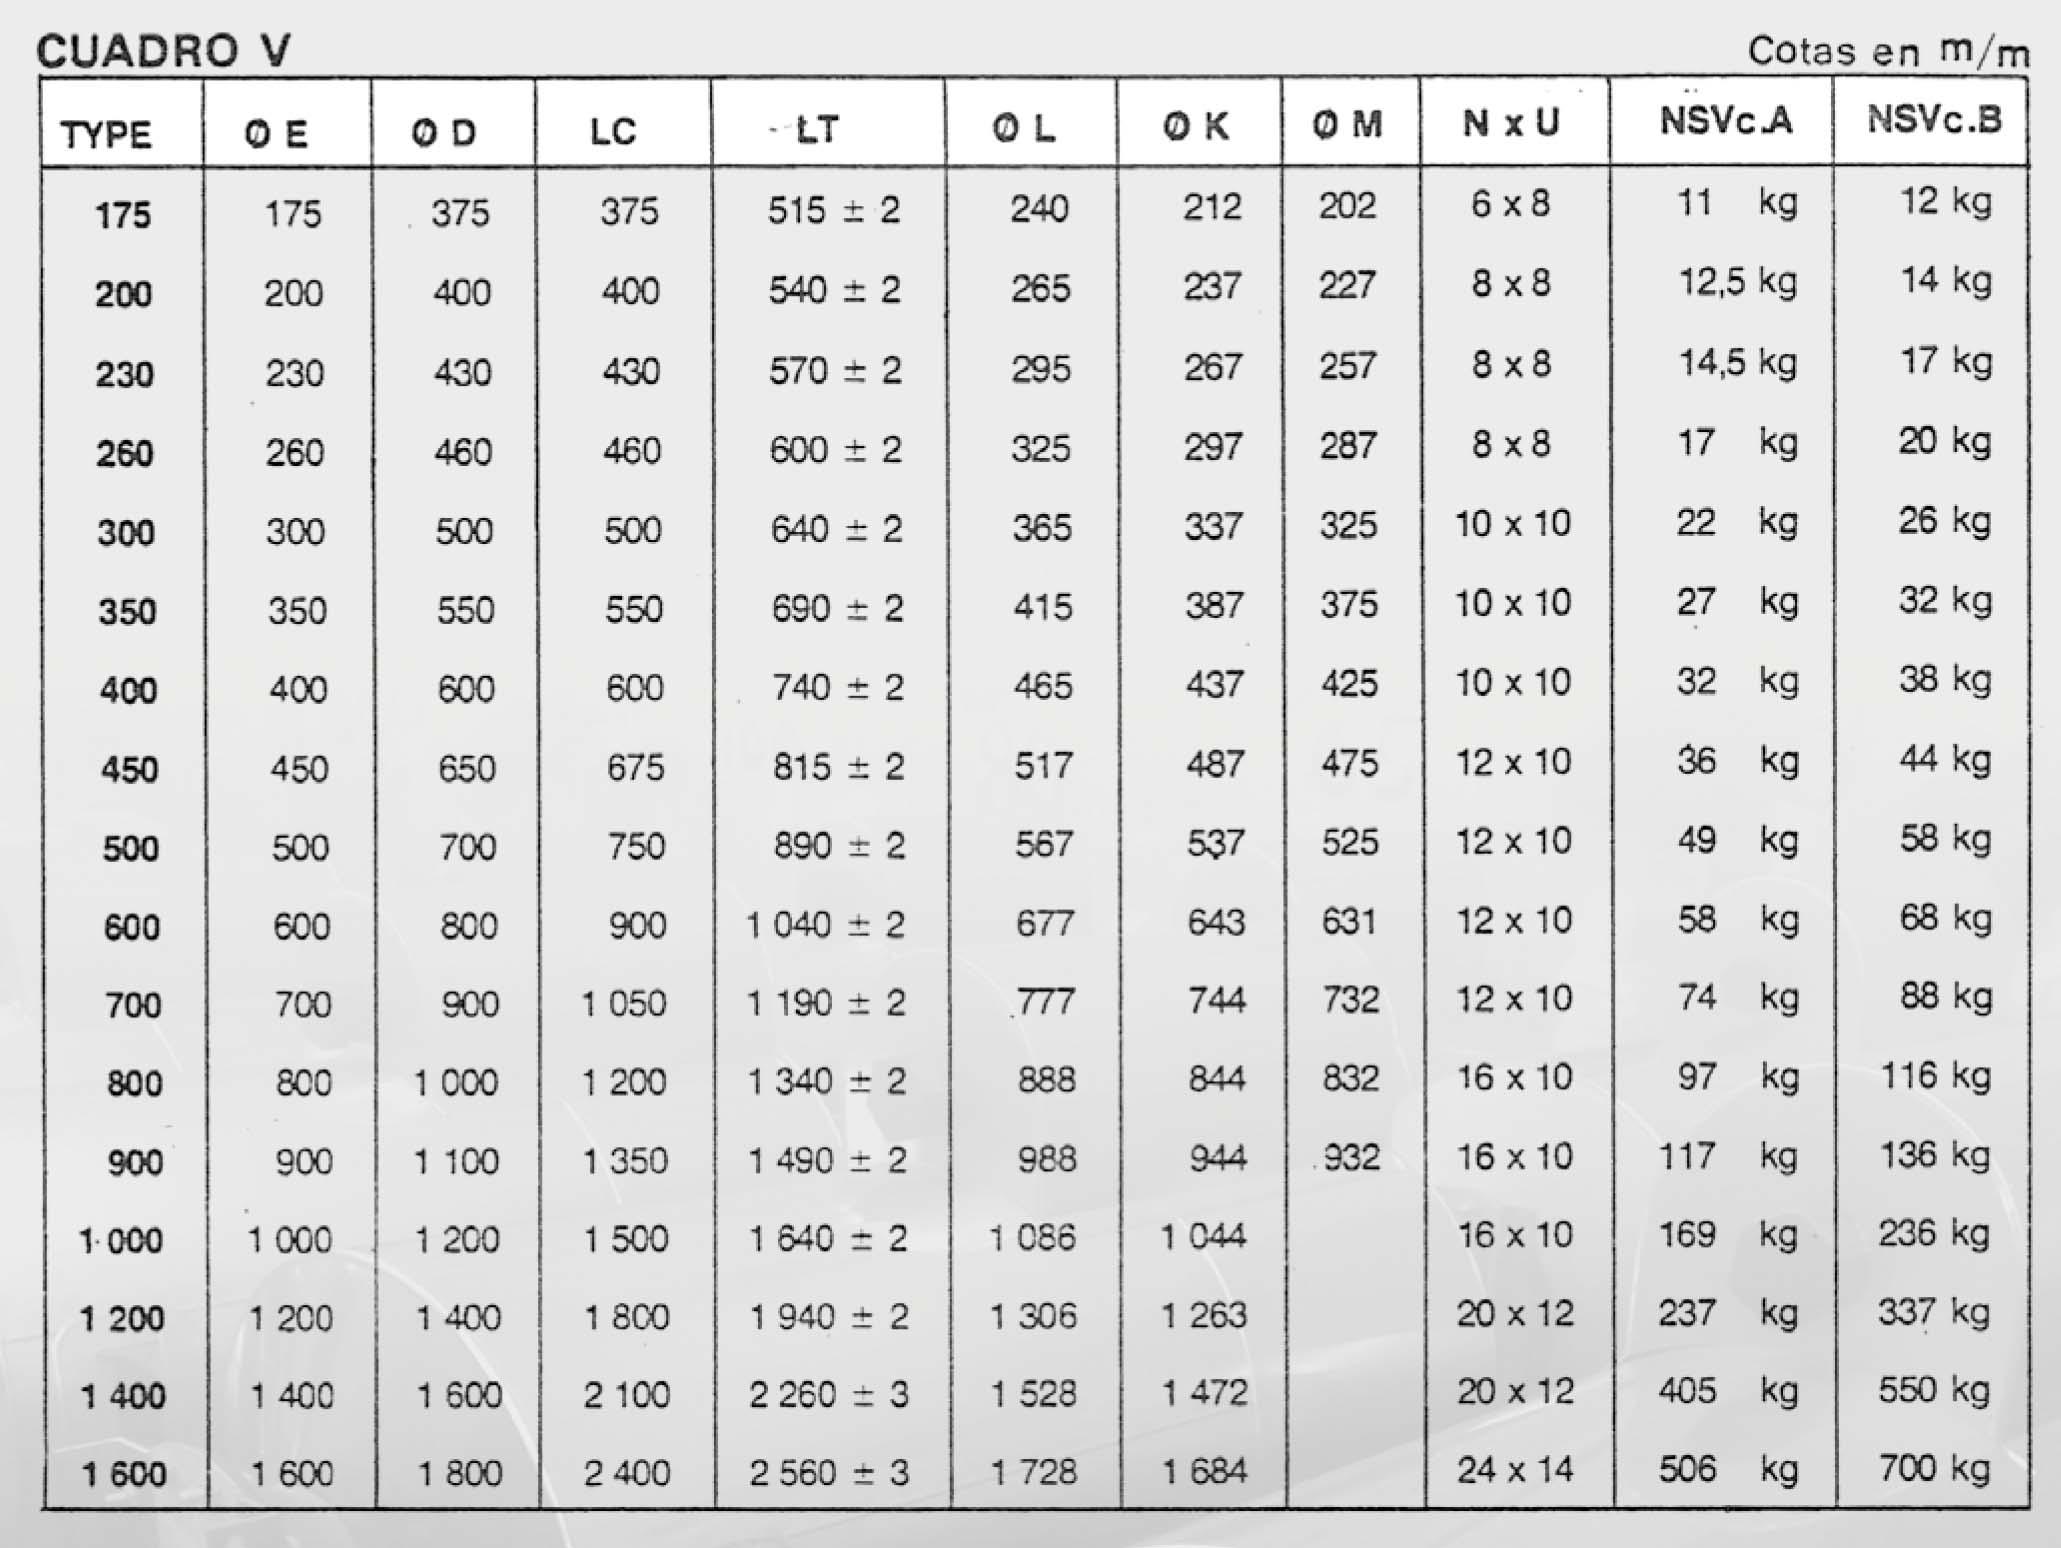 dimensiones 4 - Ficha-silenciador-ventilacion-snvc